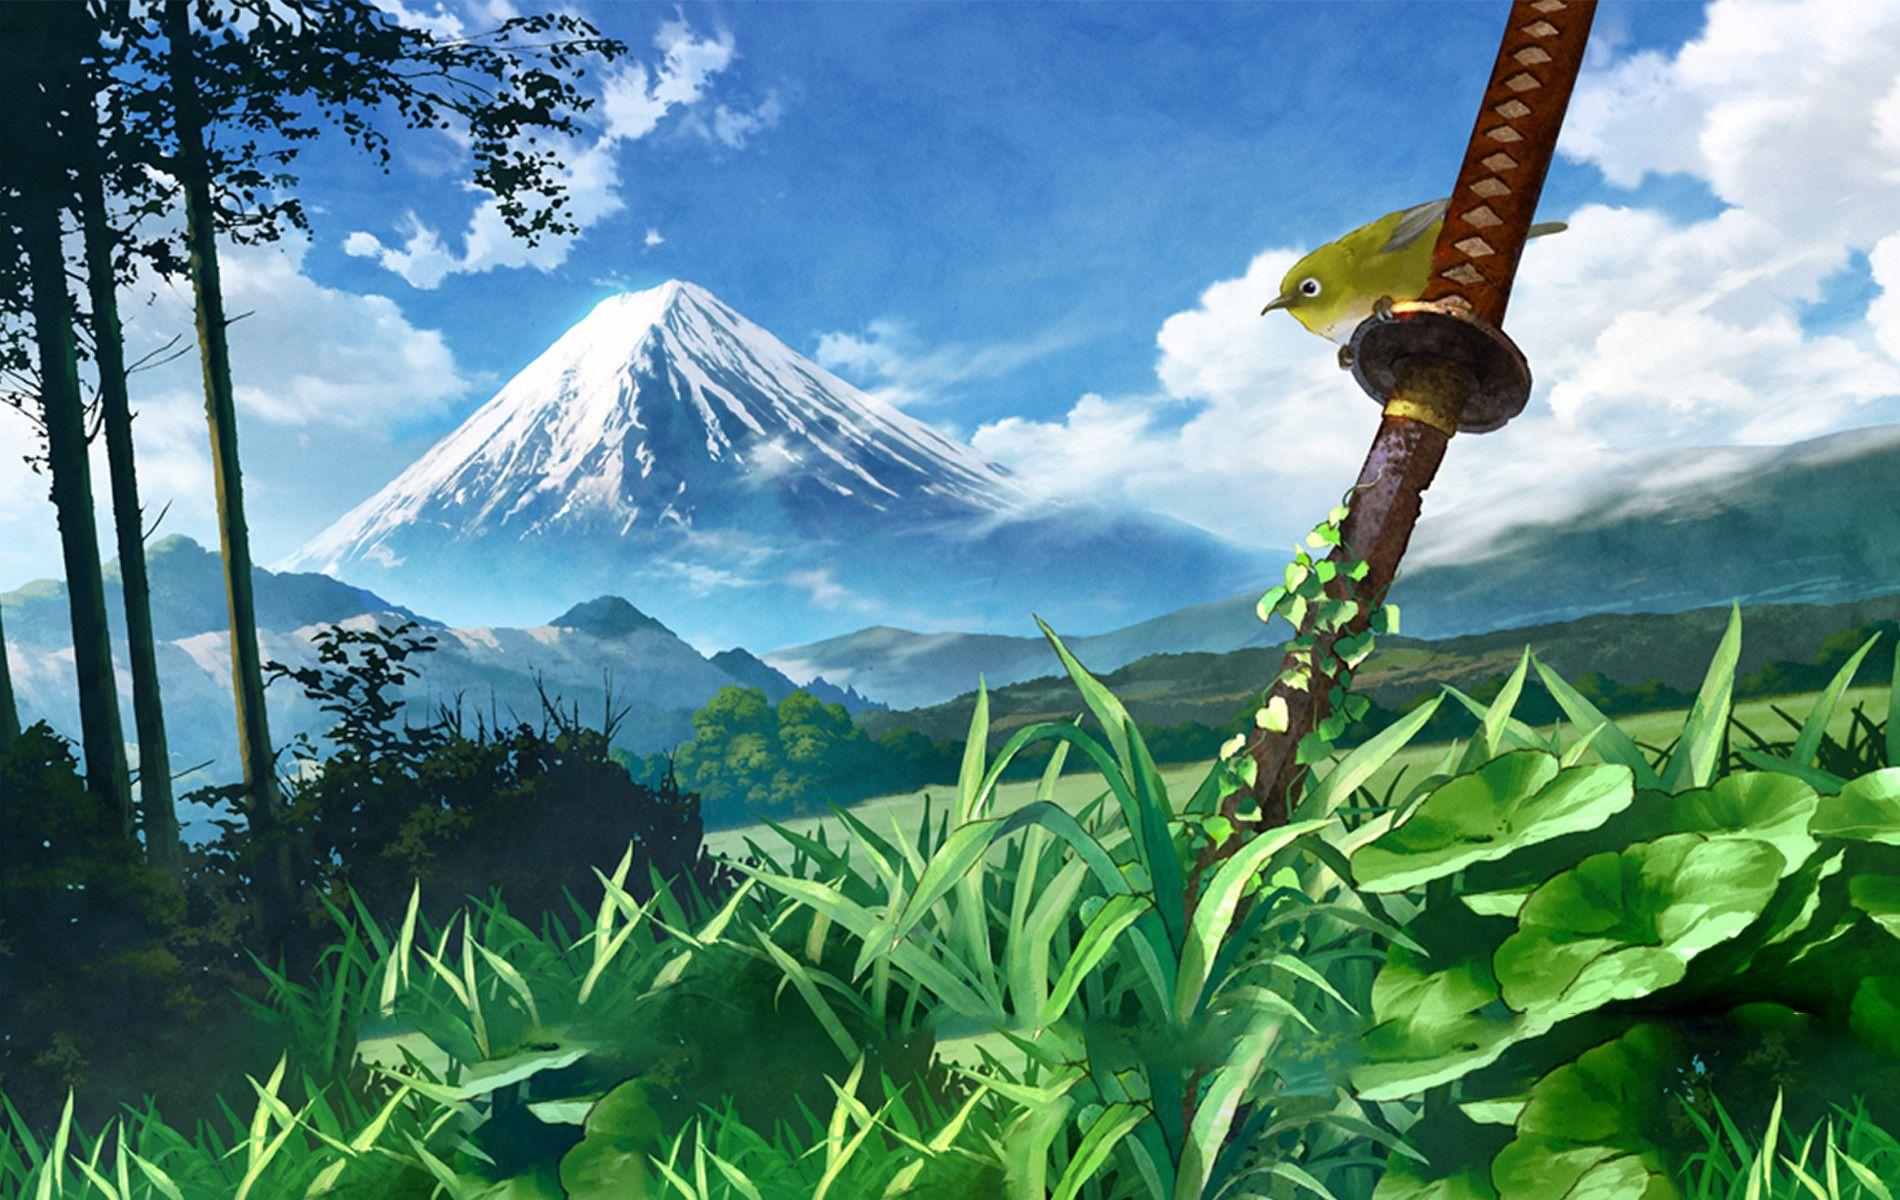 30 Beautiful Anime Landscape Wallpapers 4k Ultra Hd